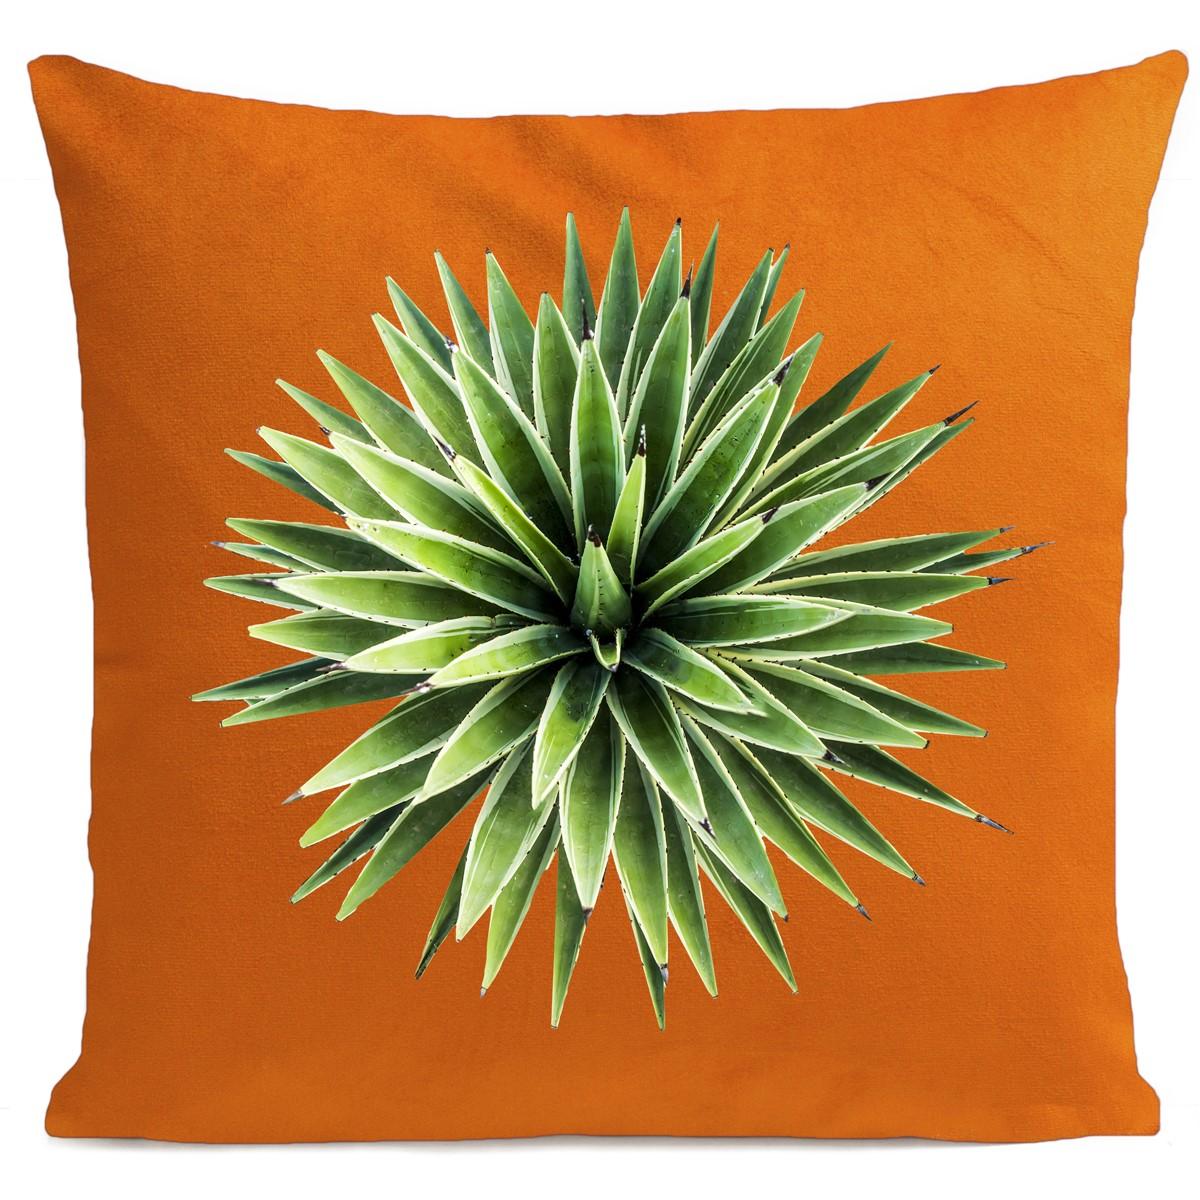 Coussin velours carré imprimé floraux orange vif 60x60